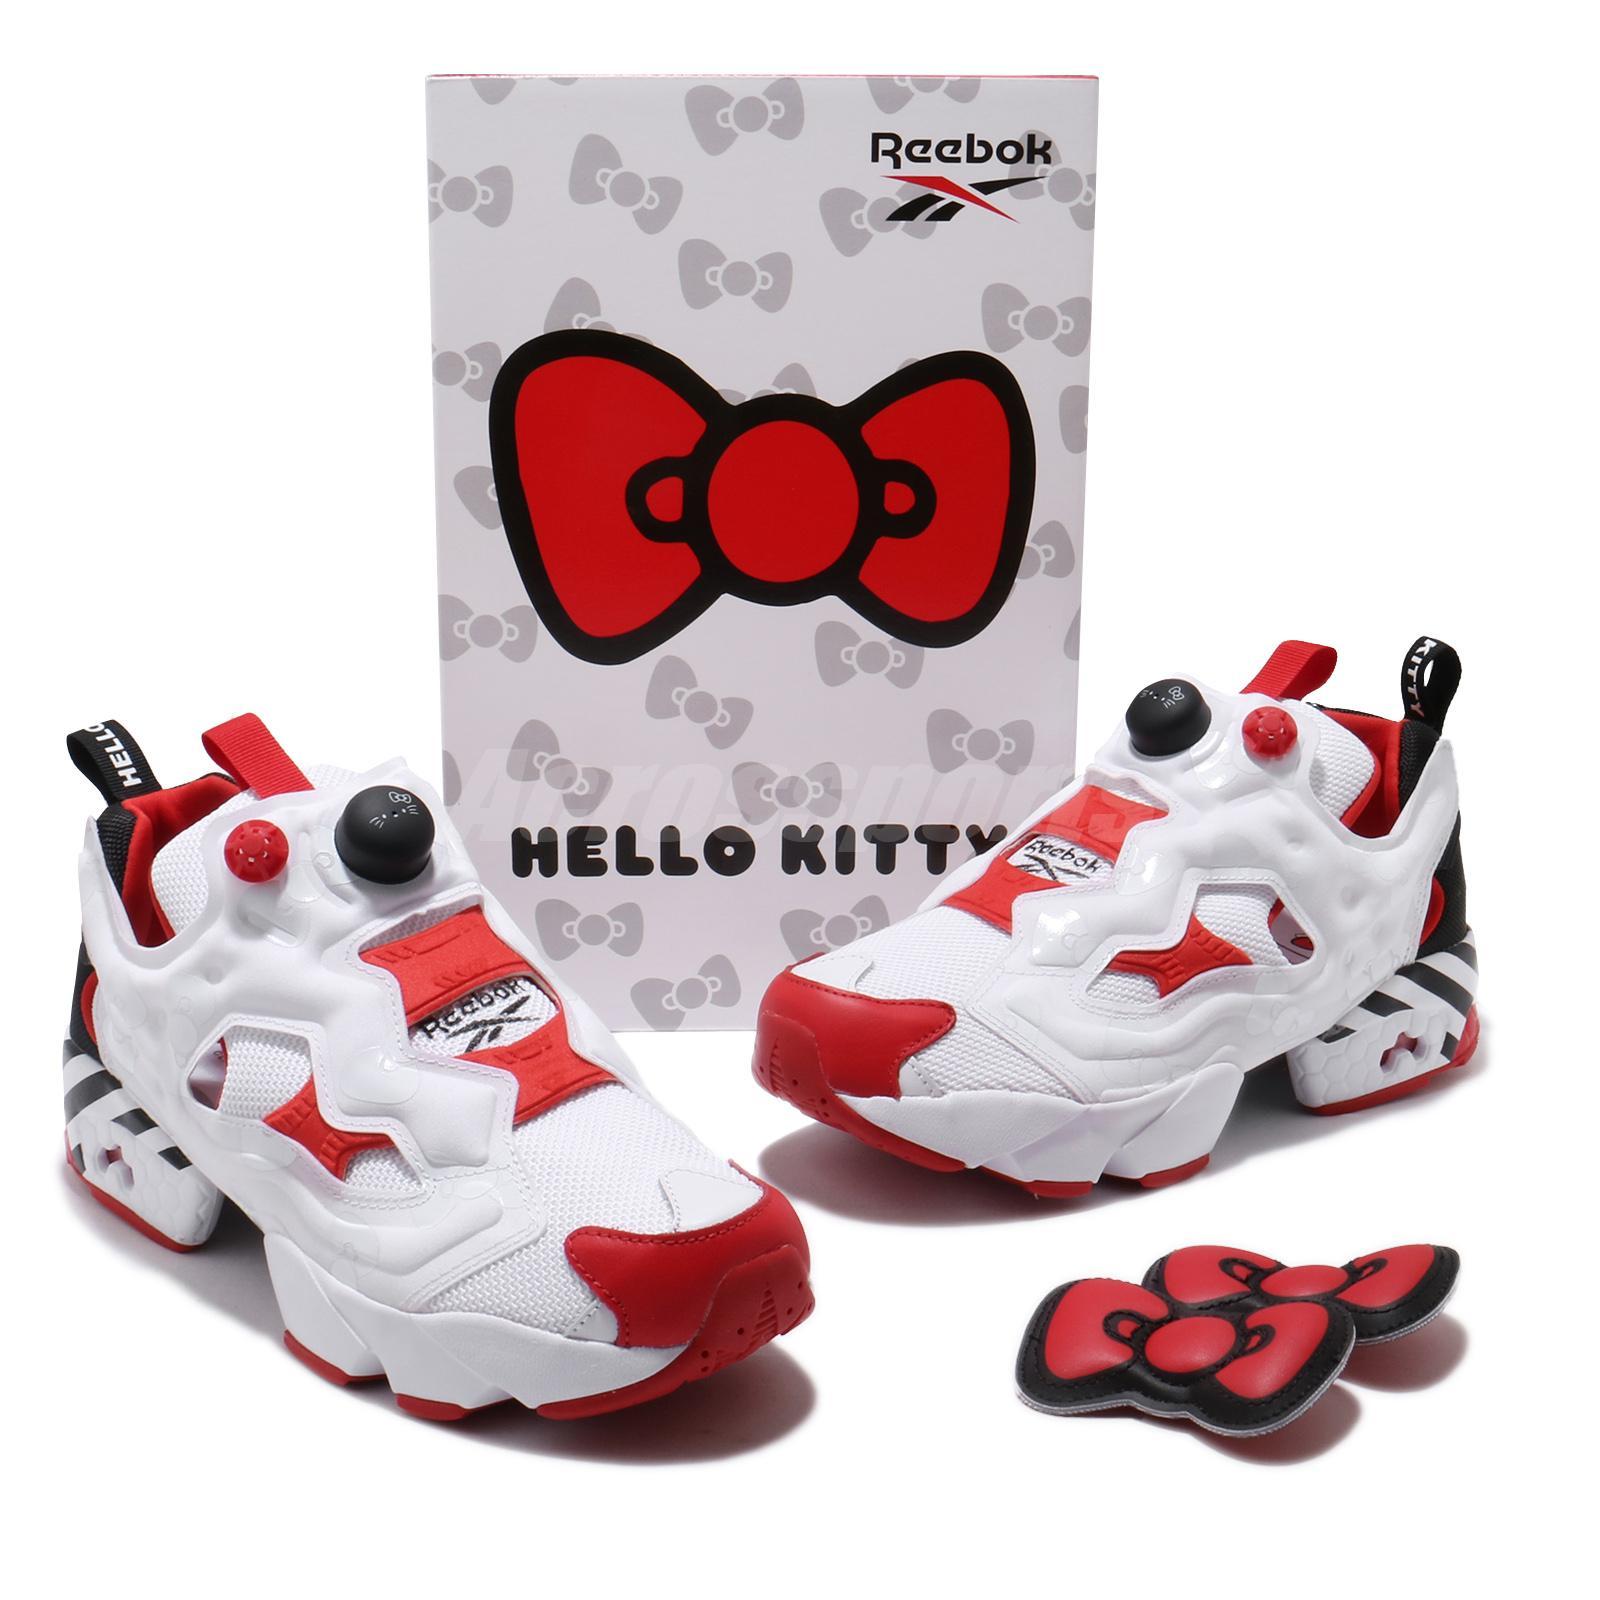 Reebok InstaPump Fury OG Sanrio Hello Kitty White Red Men Women Unisex EH2798